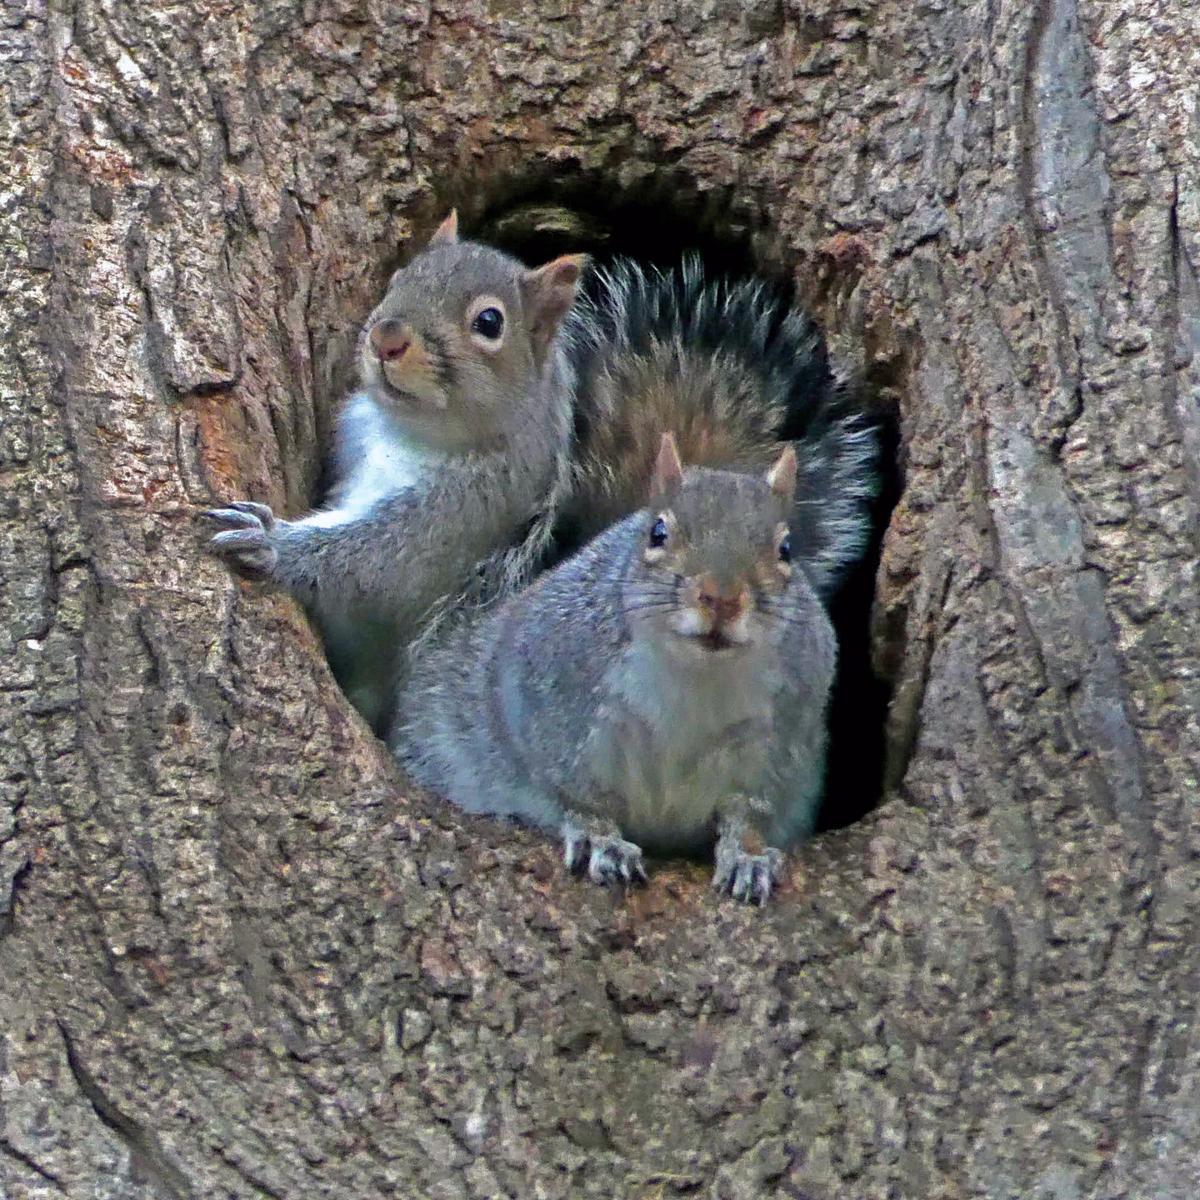 020720 WES Squirrels tree house 943.JPG